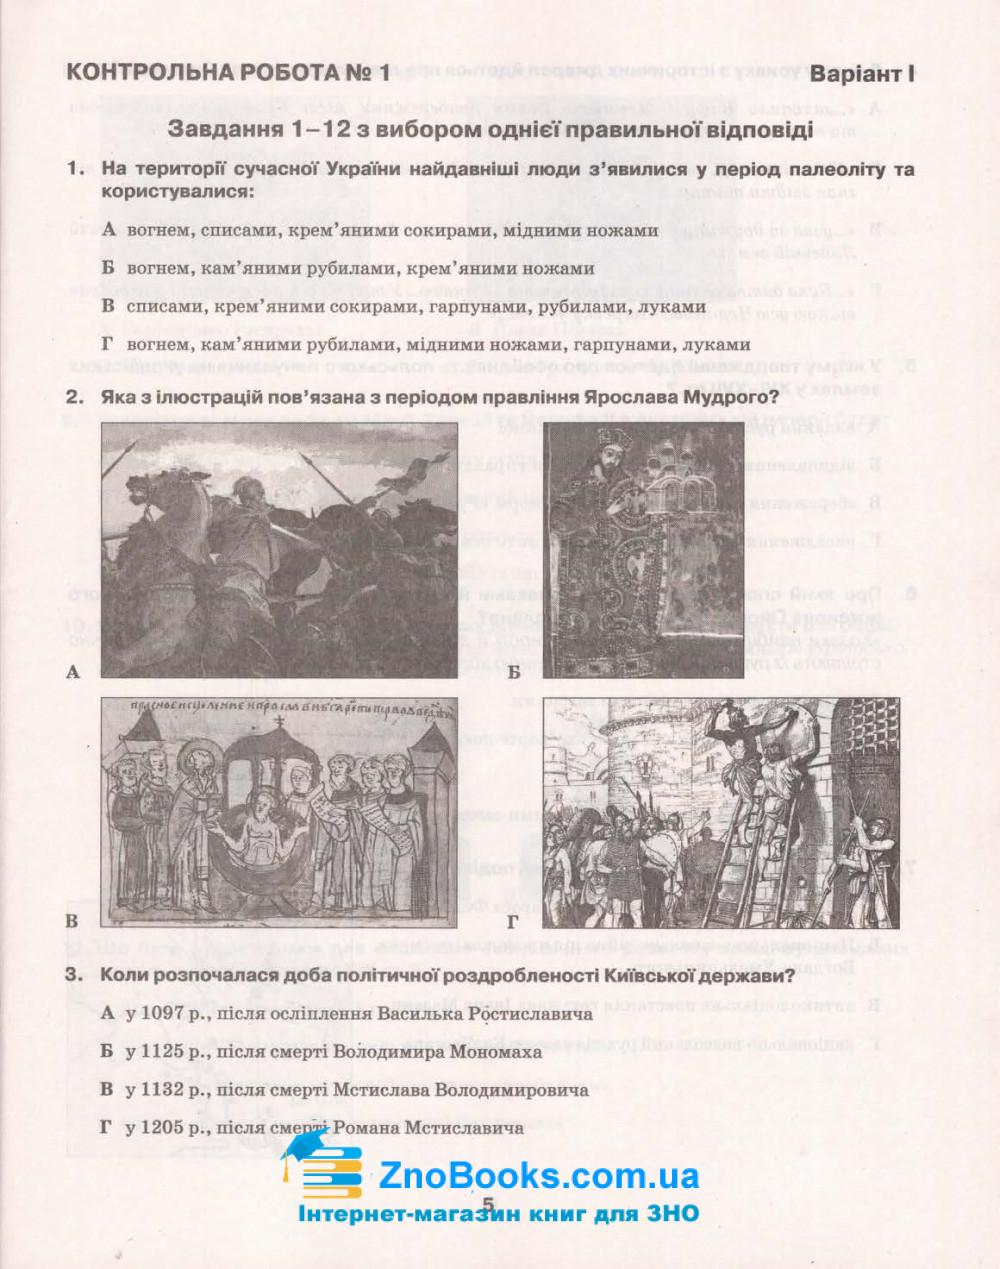 Гук О. ДПА 2021 Історія України 9 клас. Збірник завдань. Освіта купити 3